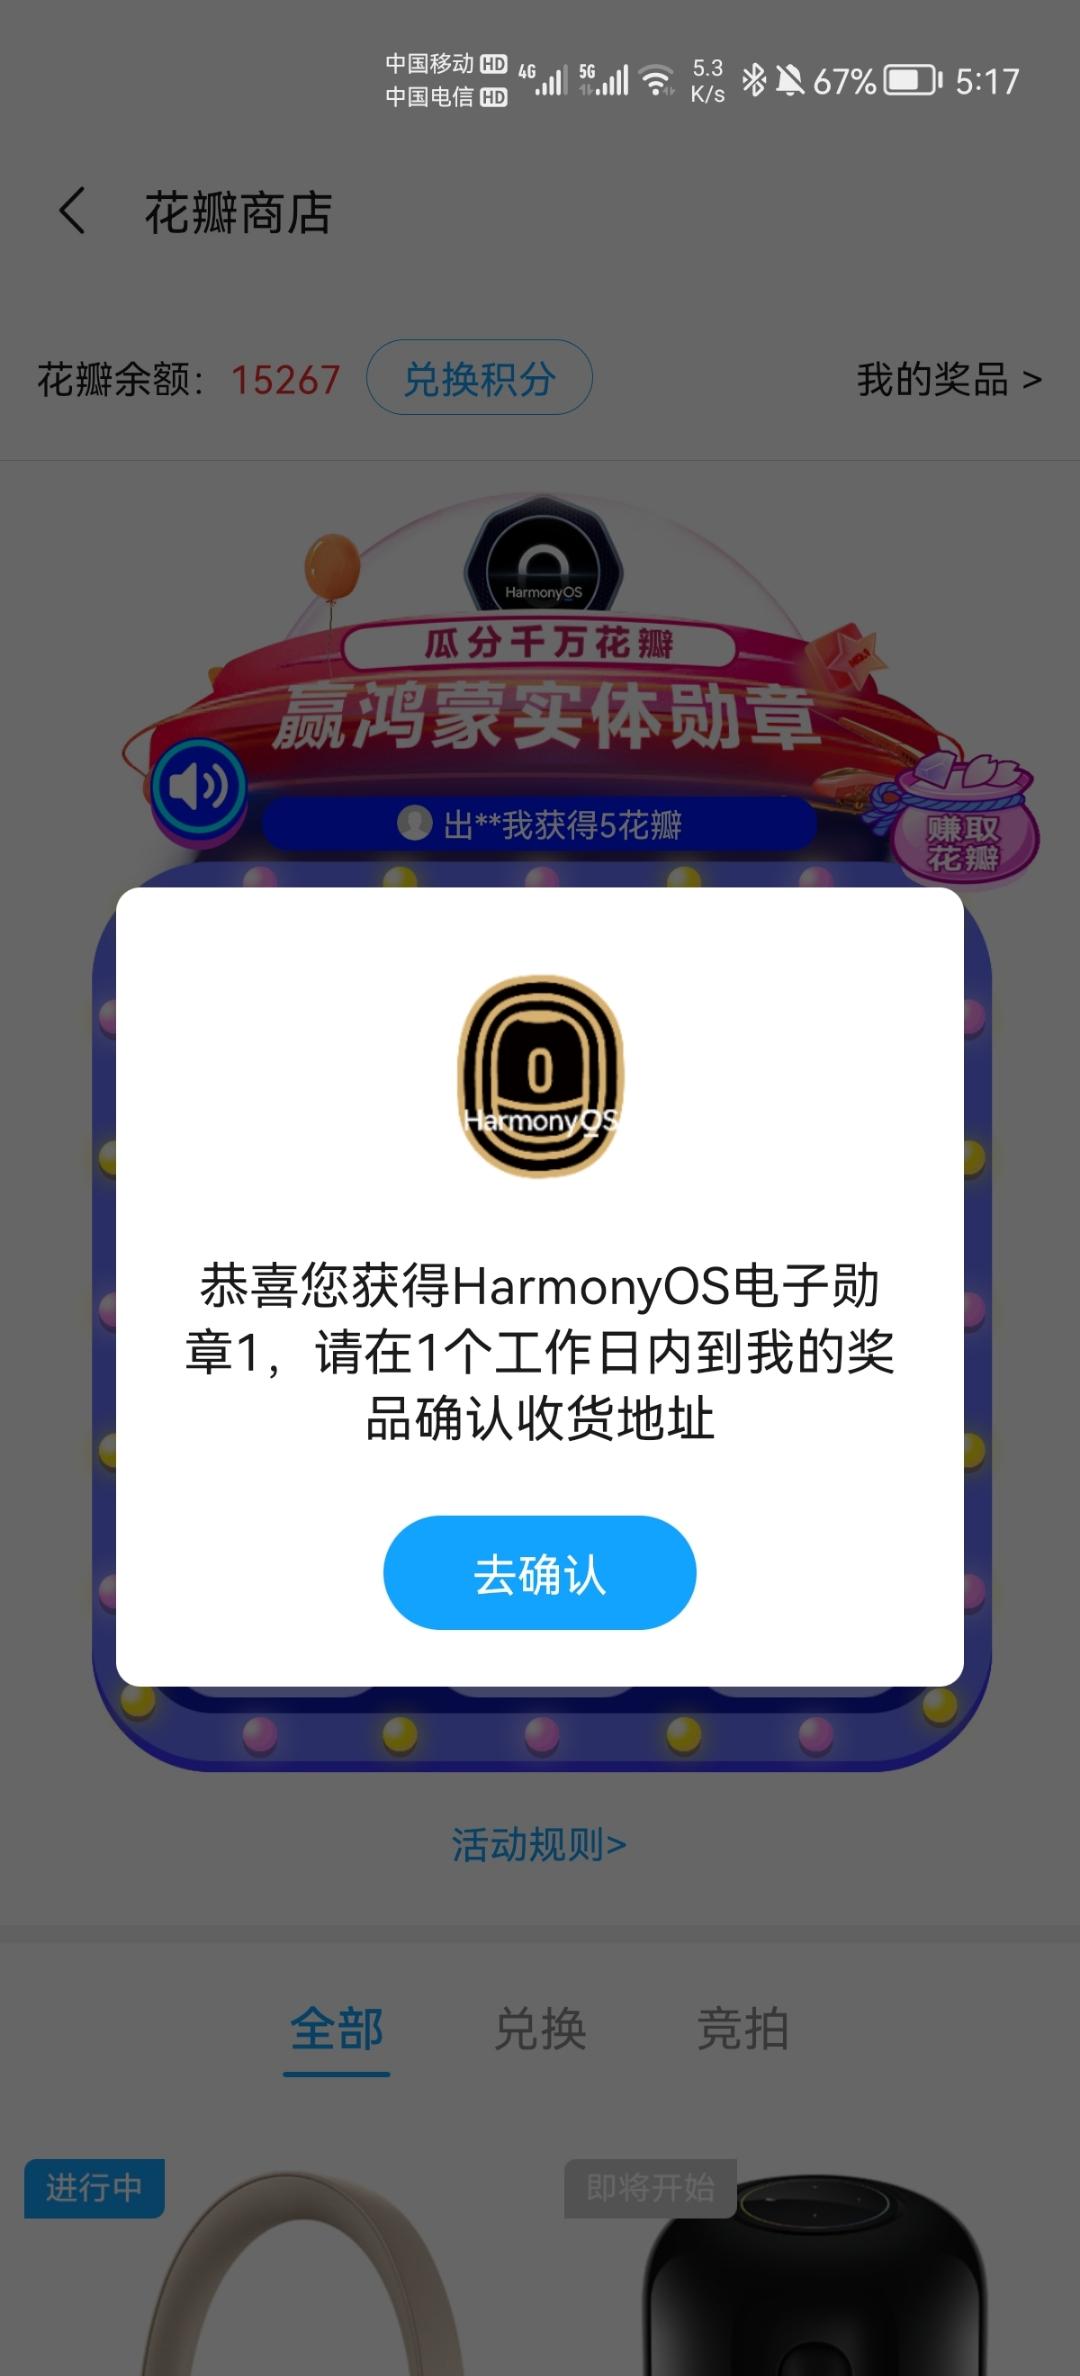 Screenshot_20210603_171736_com.huawei.fans.jpg